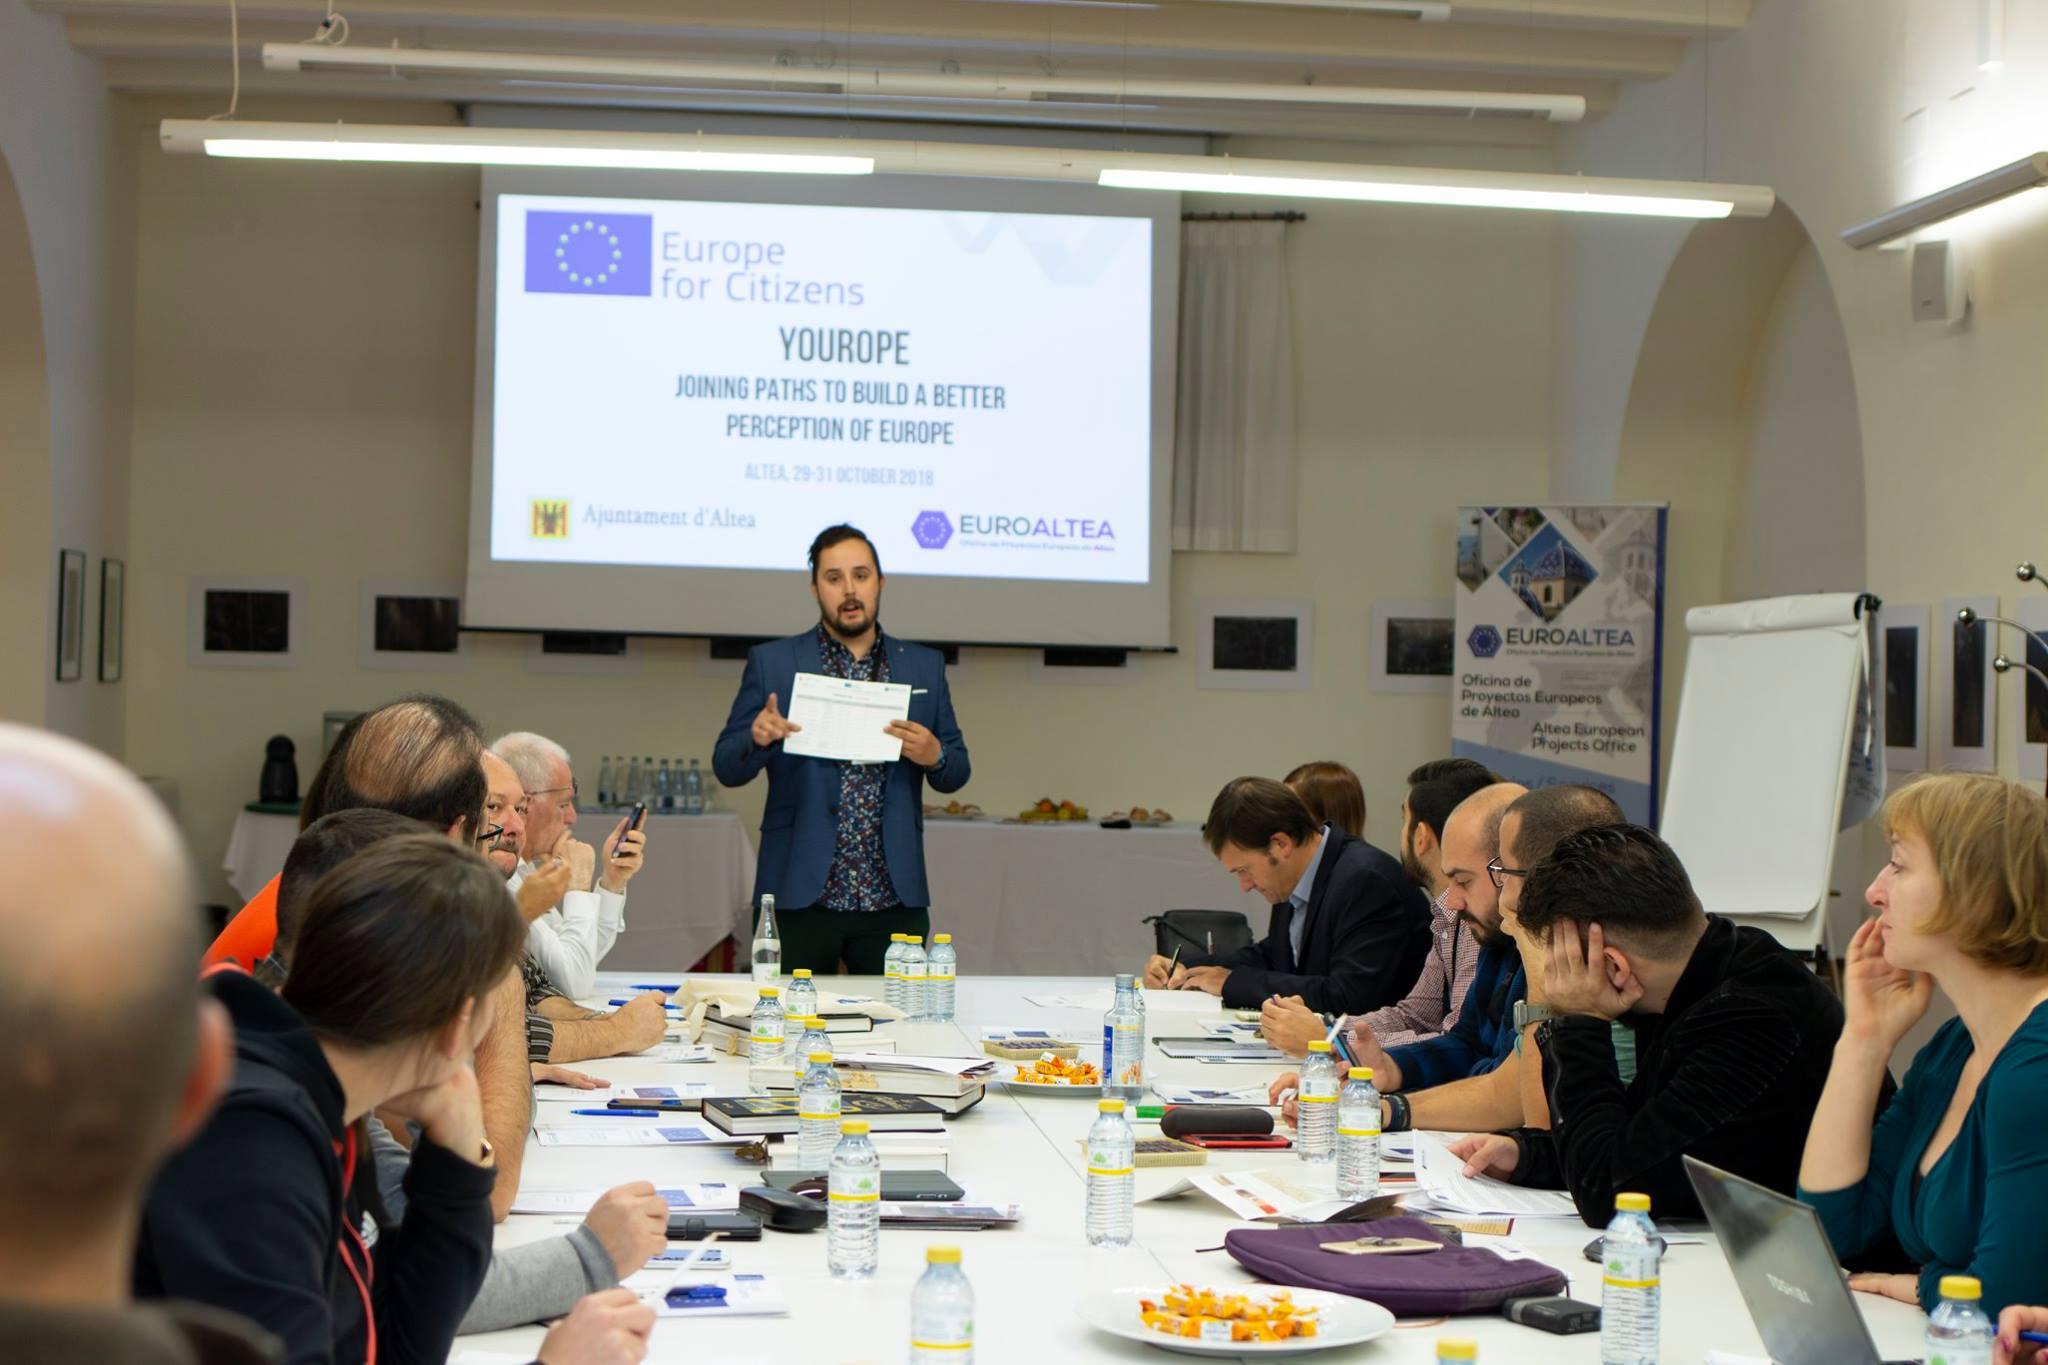 La firma Crea 360 se adhiere a a la red europea de consultoras «European Affairs Alliance»